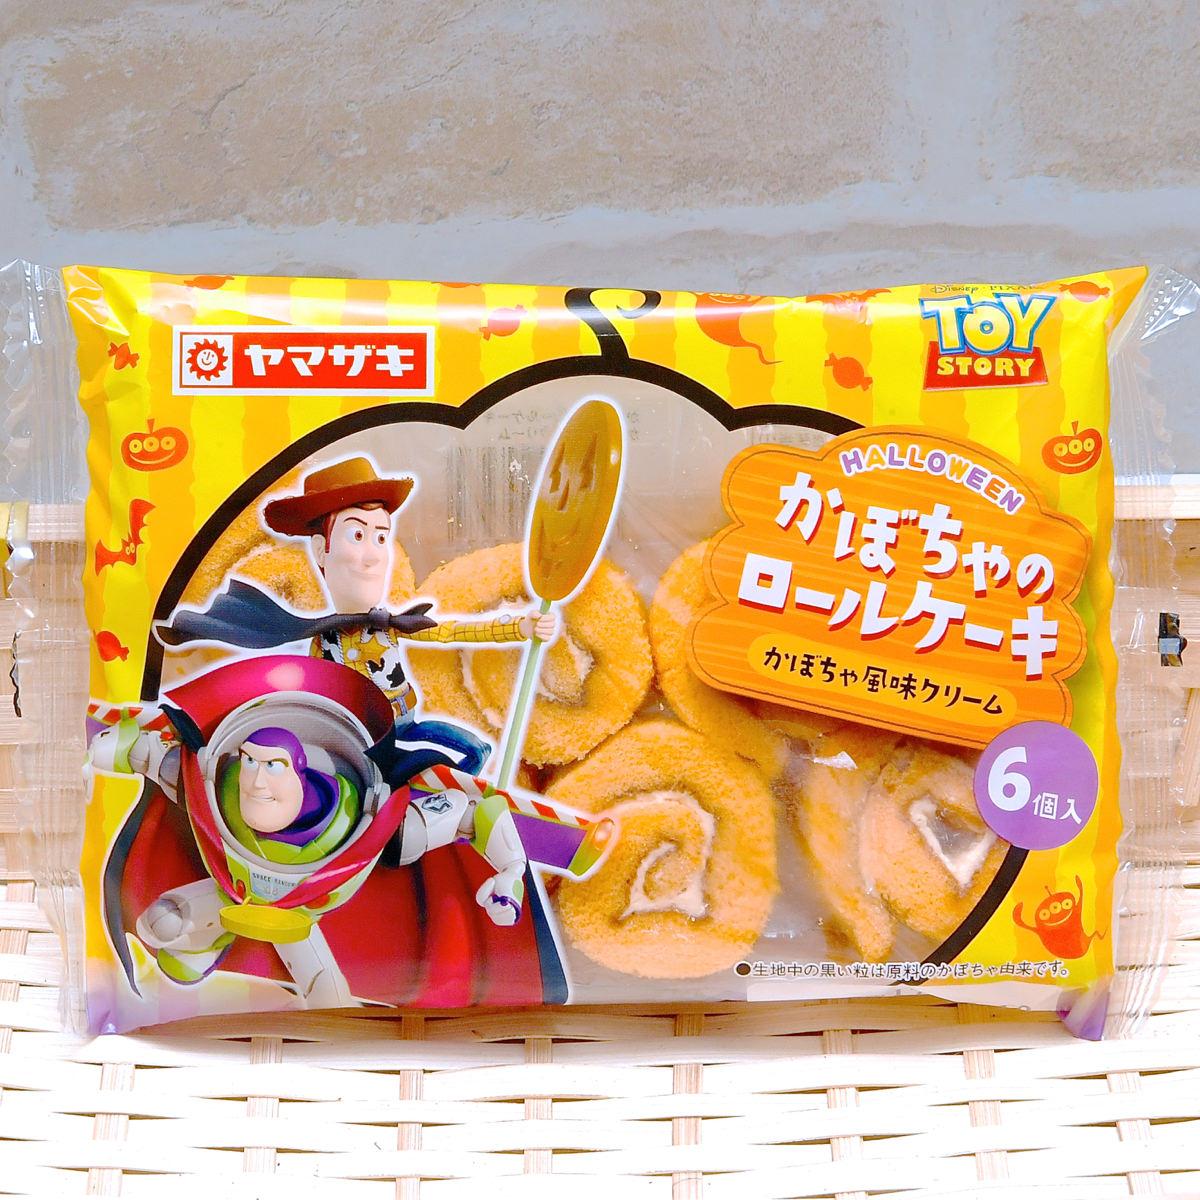 かぼちゃのロールケーキ(6個入) かぼちゃ風味クリーム